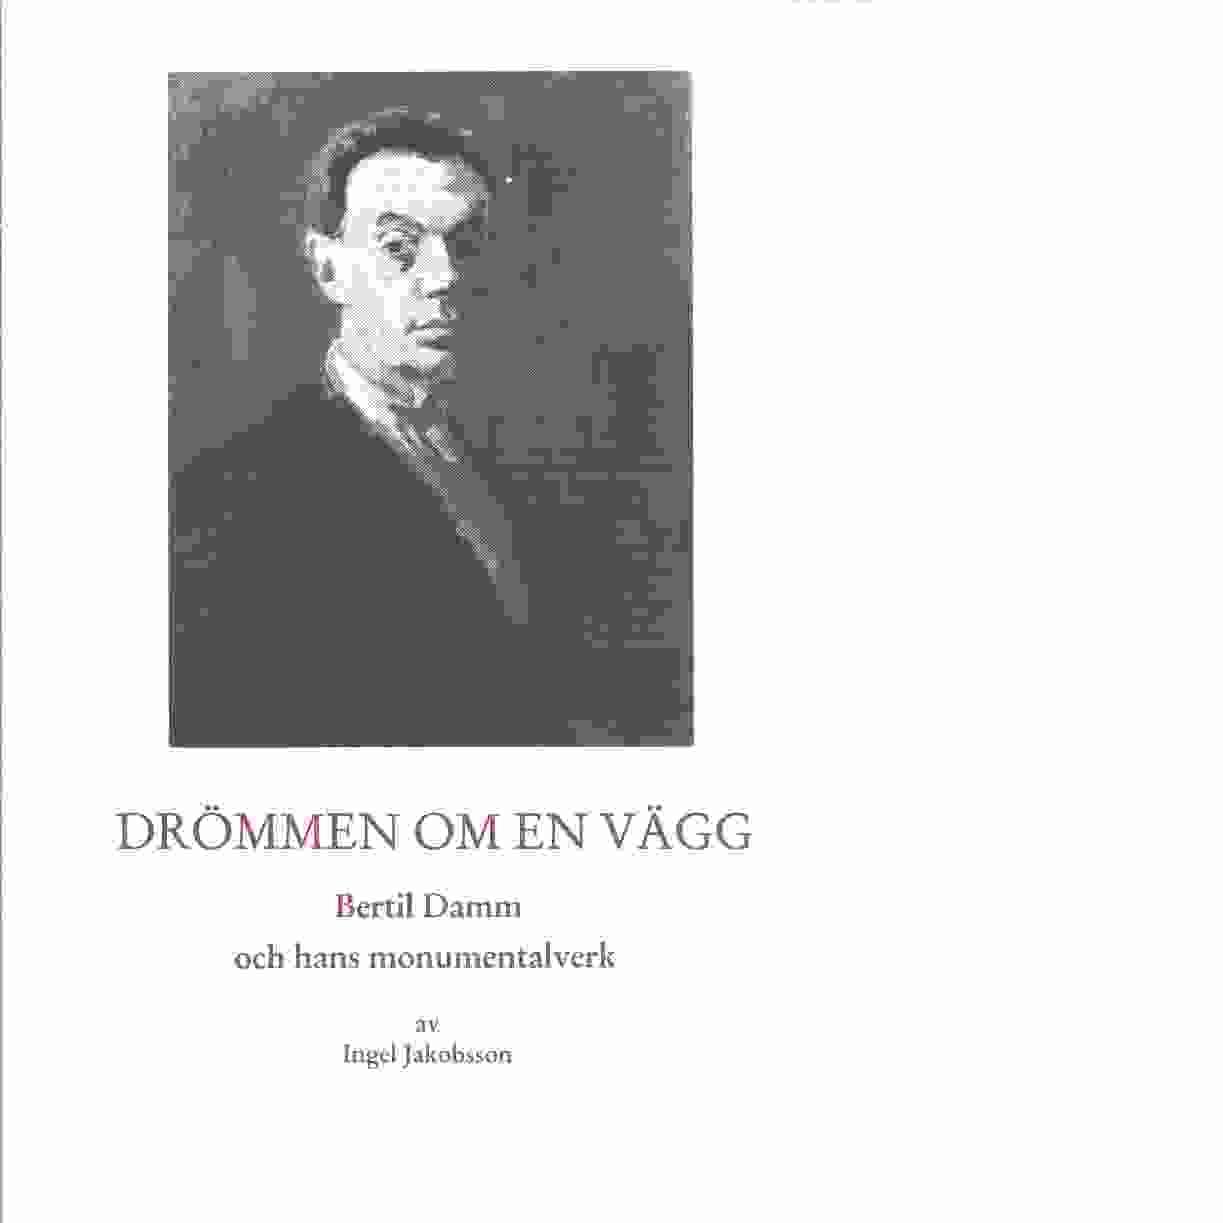 Drömmen om en vägg : Bertil Damm och hans monumentalverk - Jakobsson, Ingel